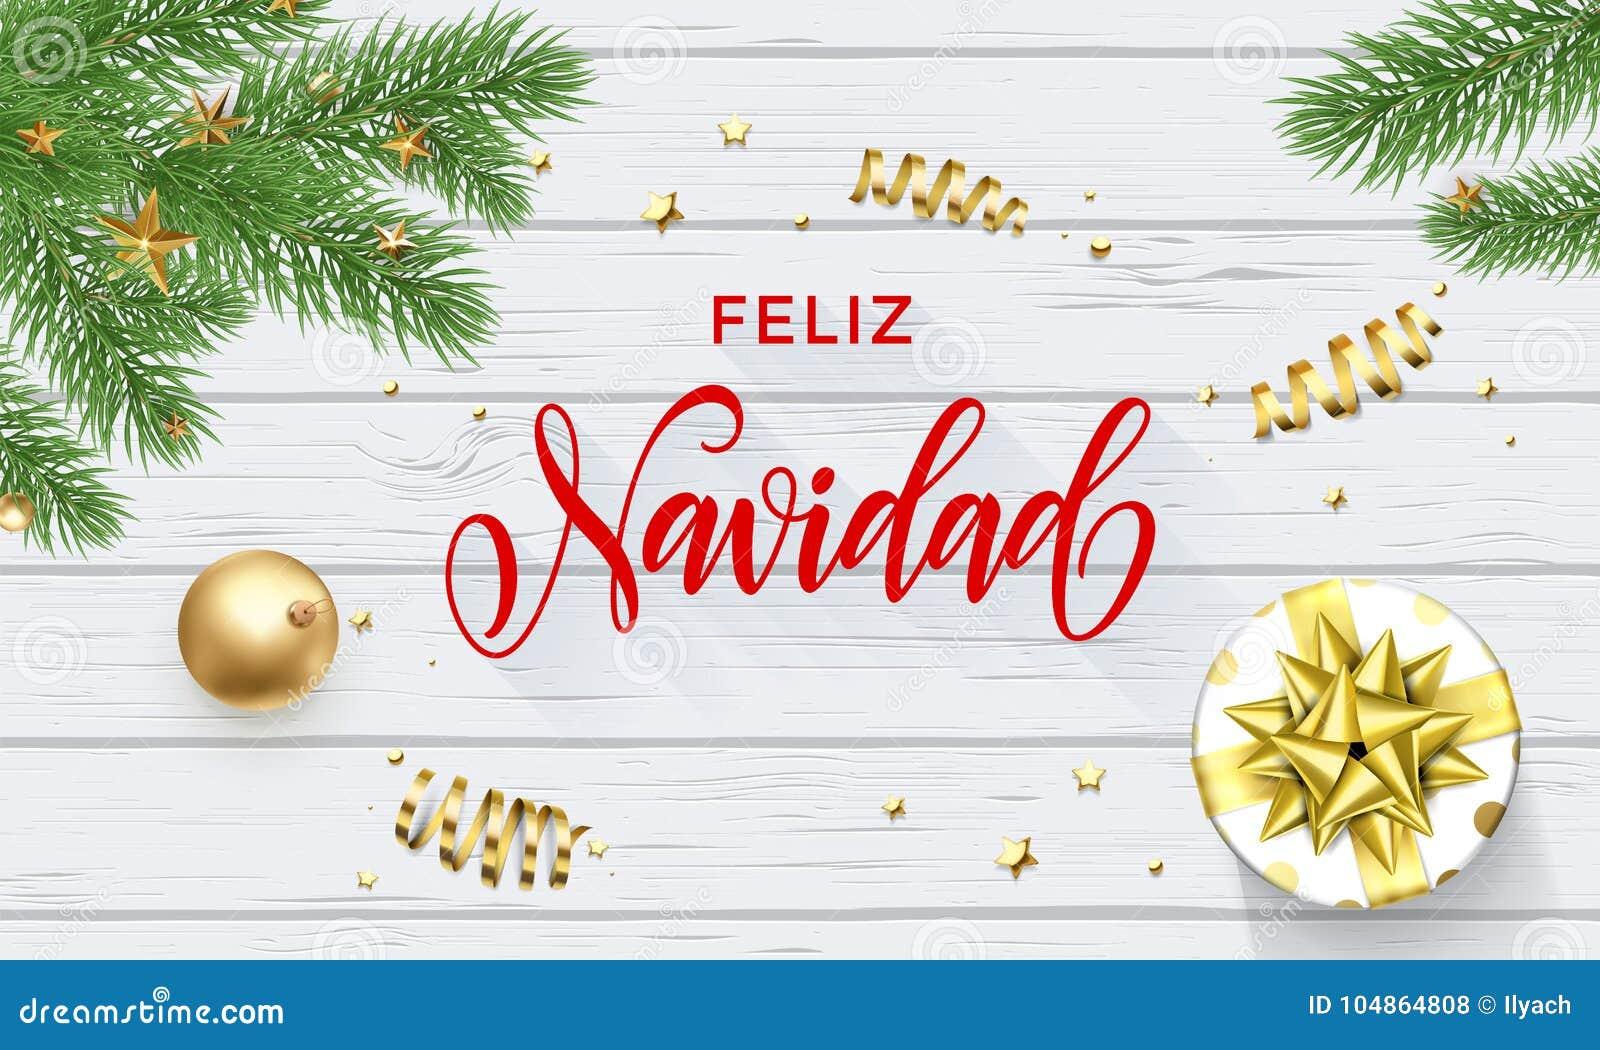 Feliz Navidad Spanish Merry Christmas guld- garnering- och kalligrafistilsort på vit träbakgrund för hälsningkort vektor